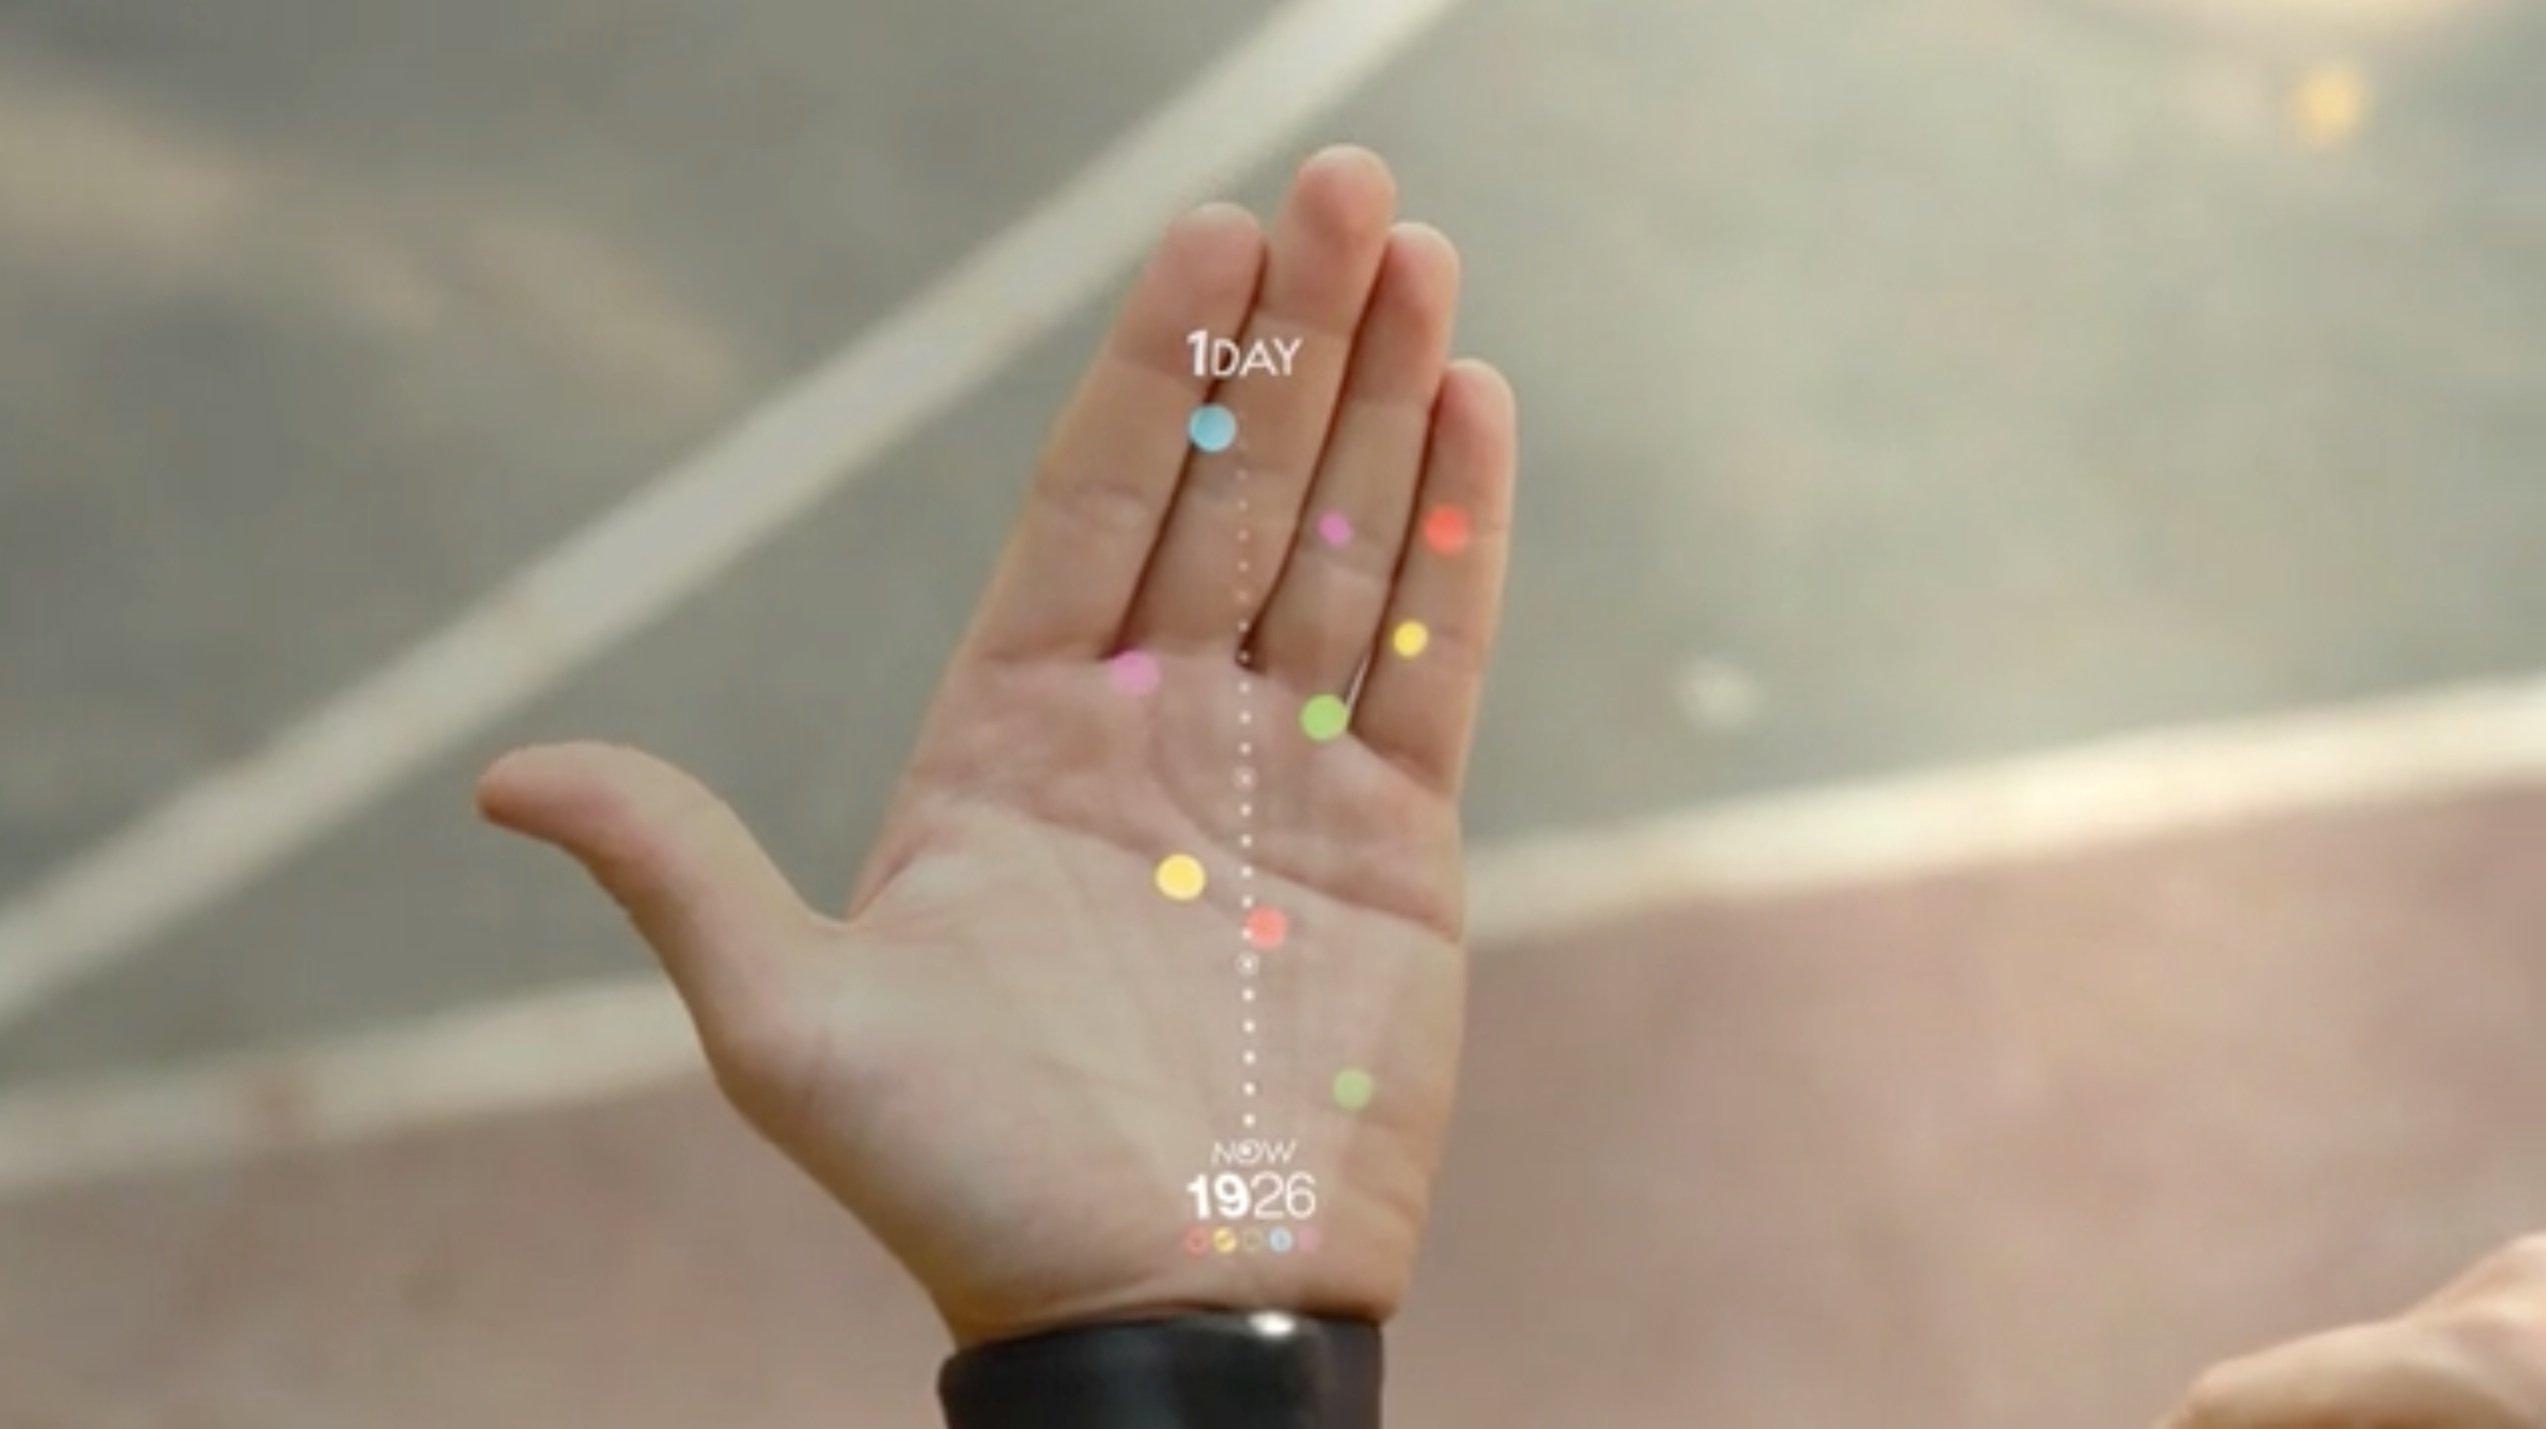 Mittels einer Smartwatch können die nächsten Ereignisse auf die Handfläche projiziert werden.